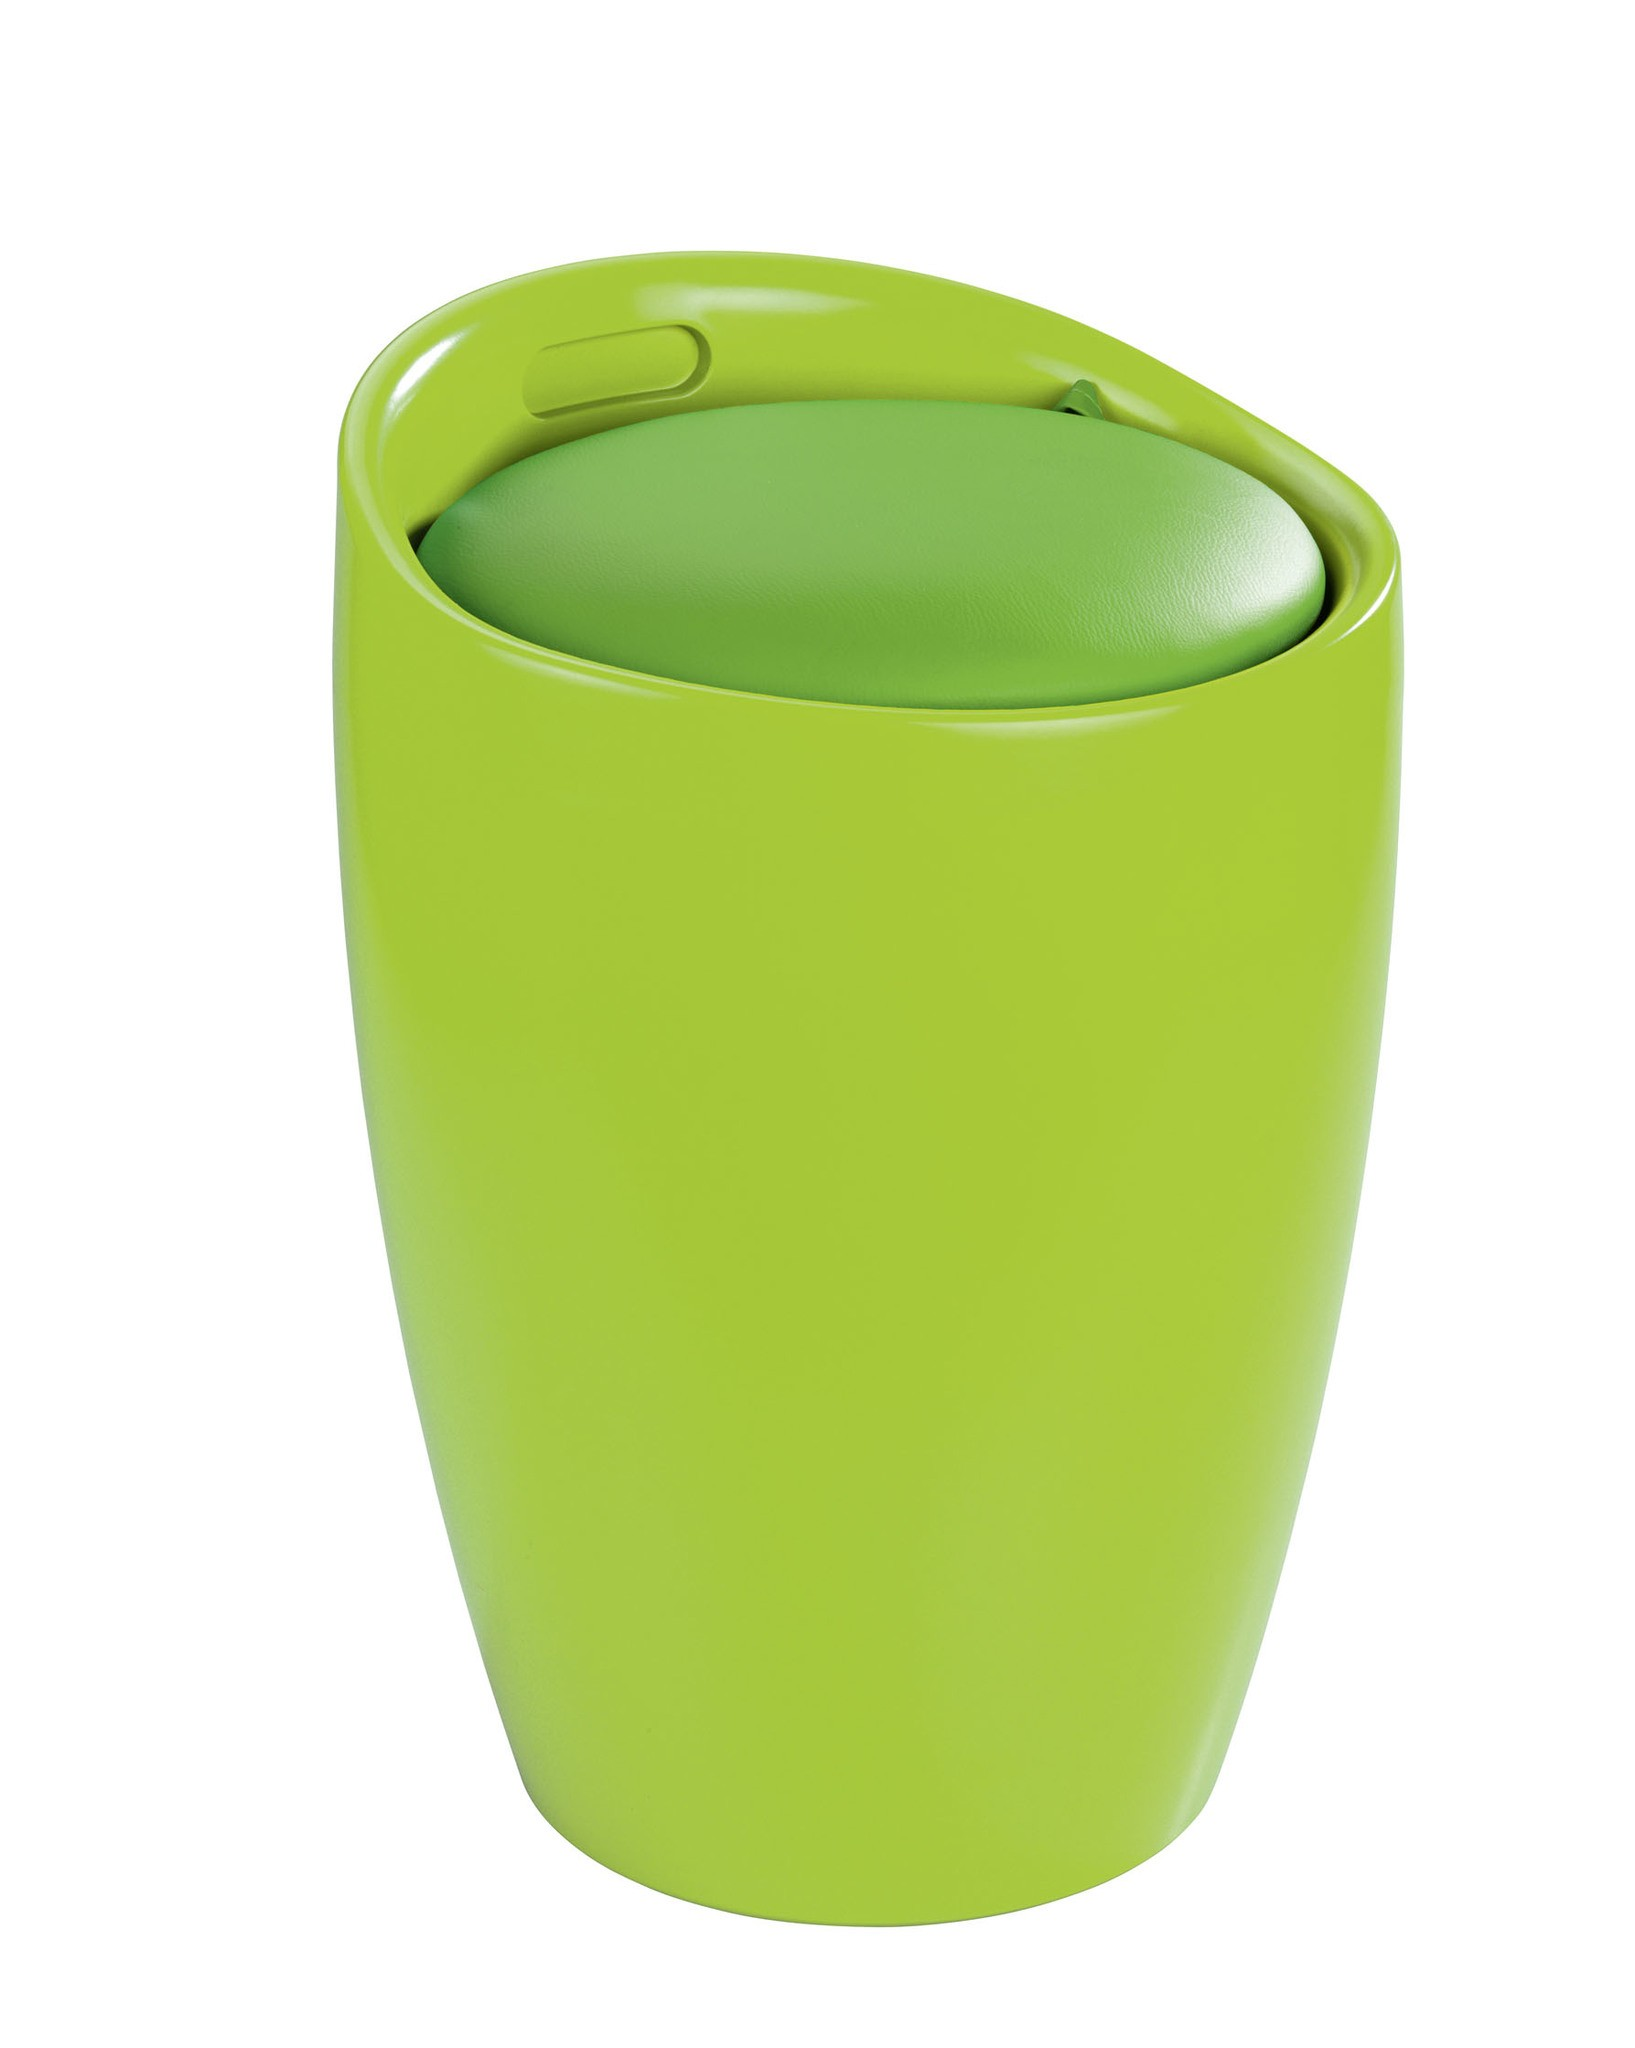 Hocker Candy Green, Badhocker, mit abnehmbarem Wäschesack